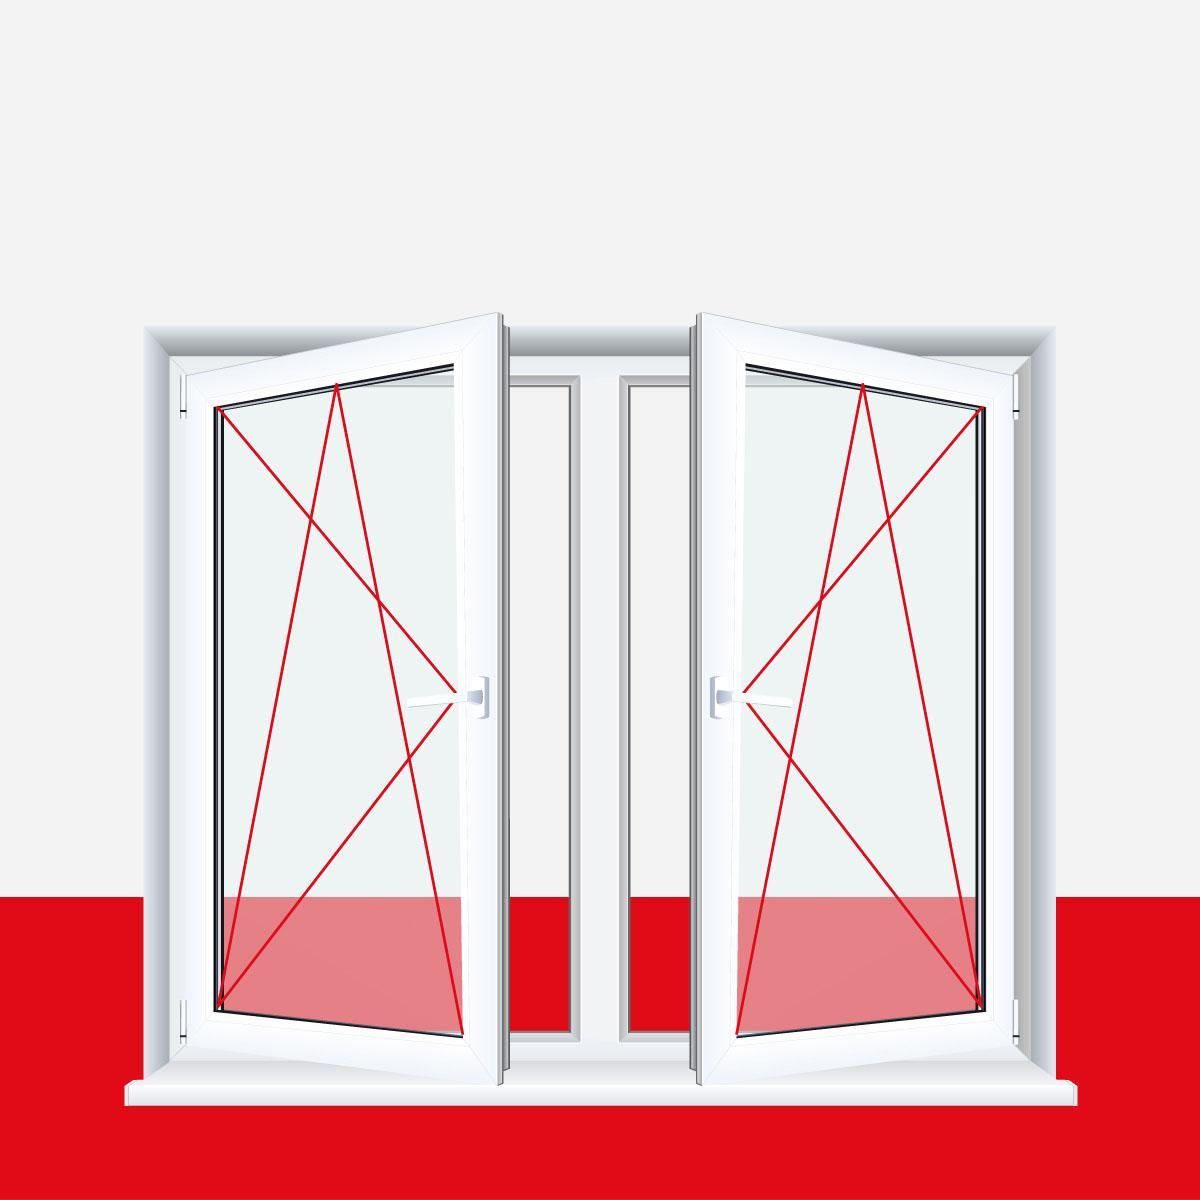 Kunststofffenster grau  2-flügliges Kunststofffenster Grau (Innen und Außen) Dreh-Kipp ...